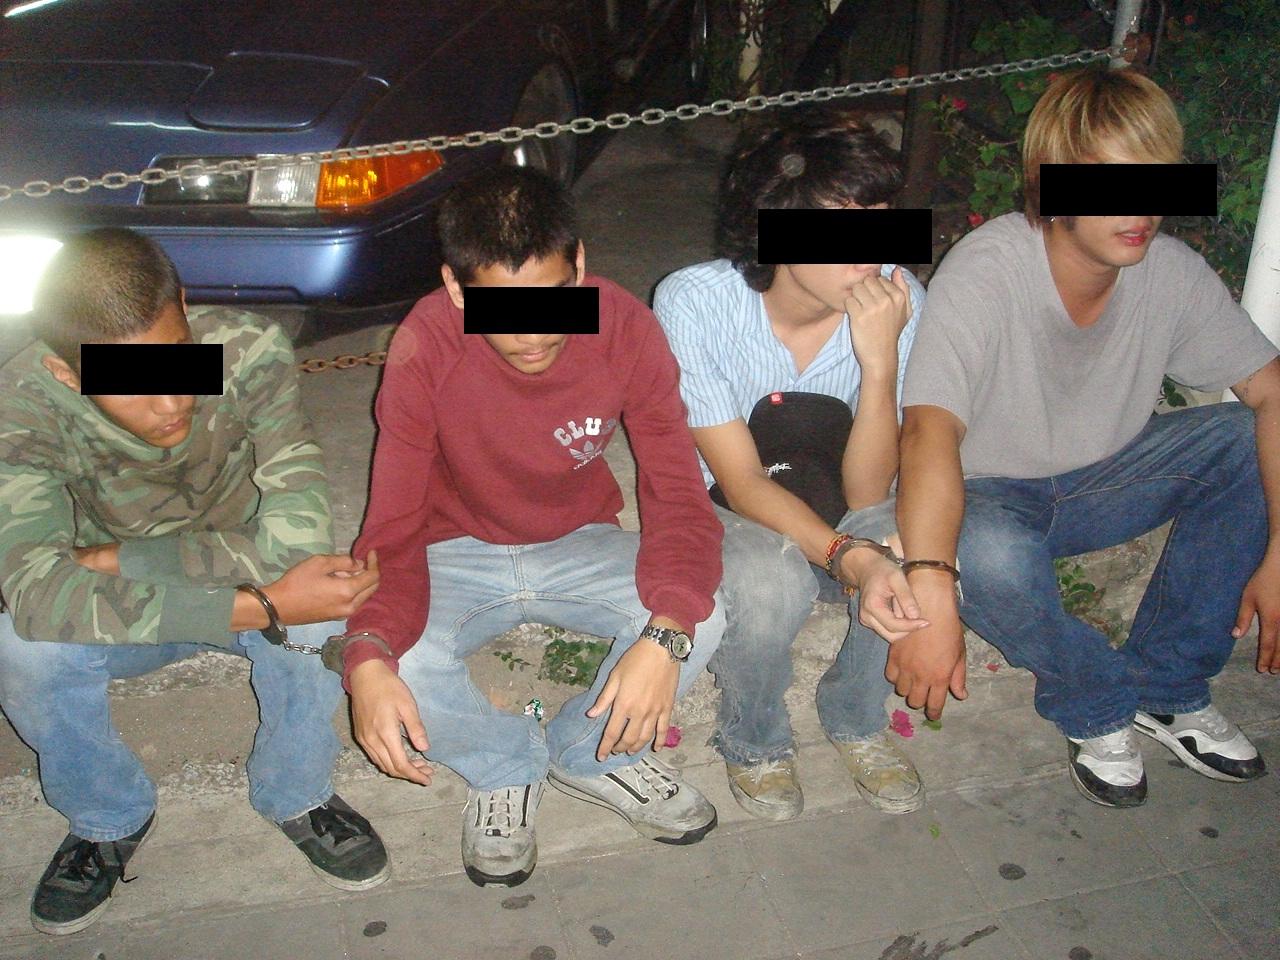 僕らが捕まえた暴行の犯人たち。